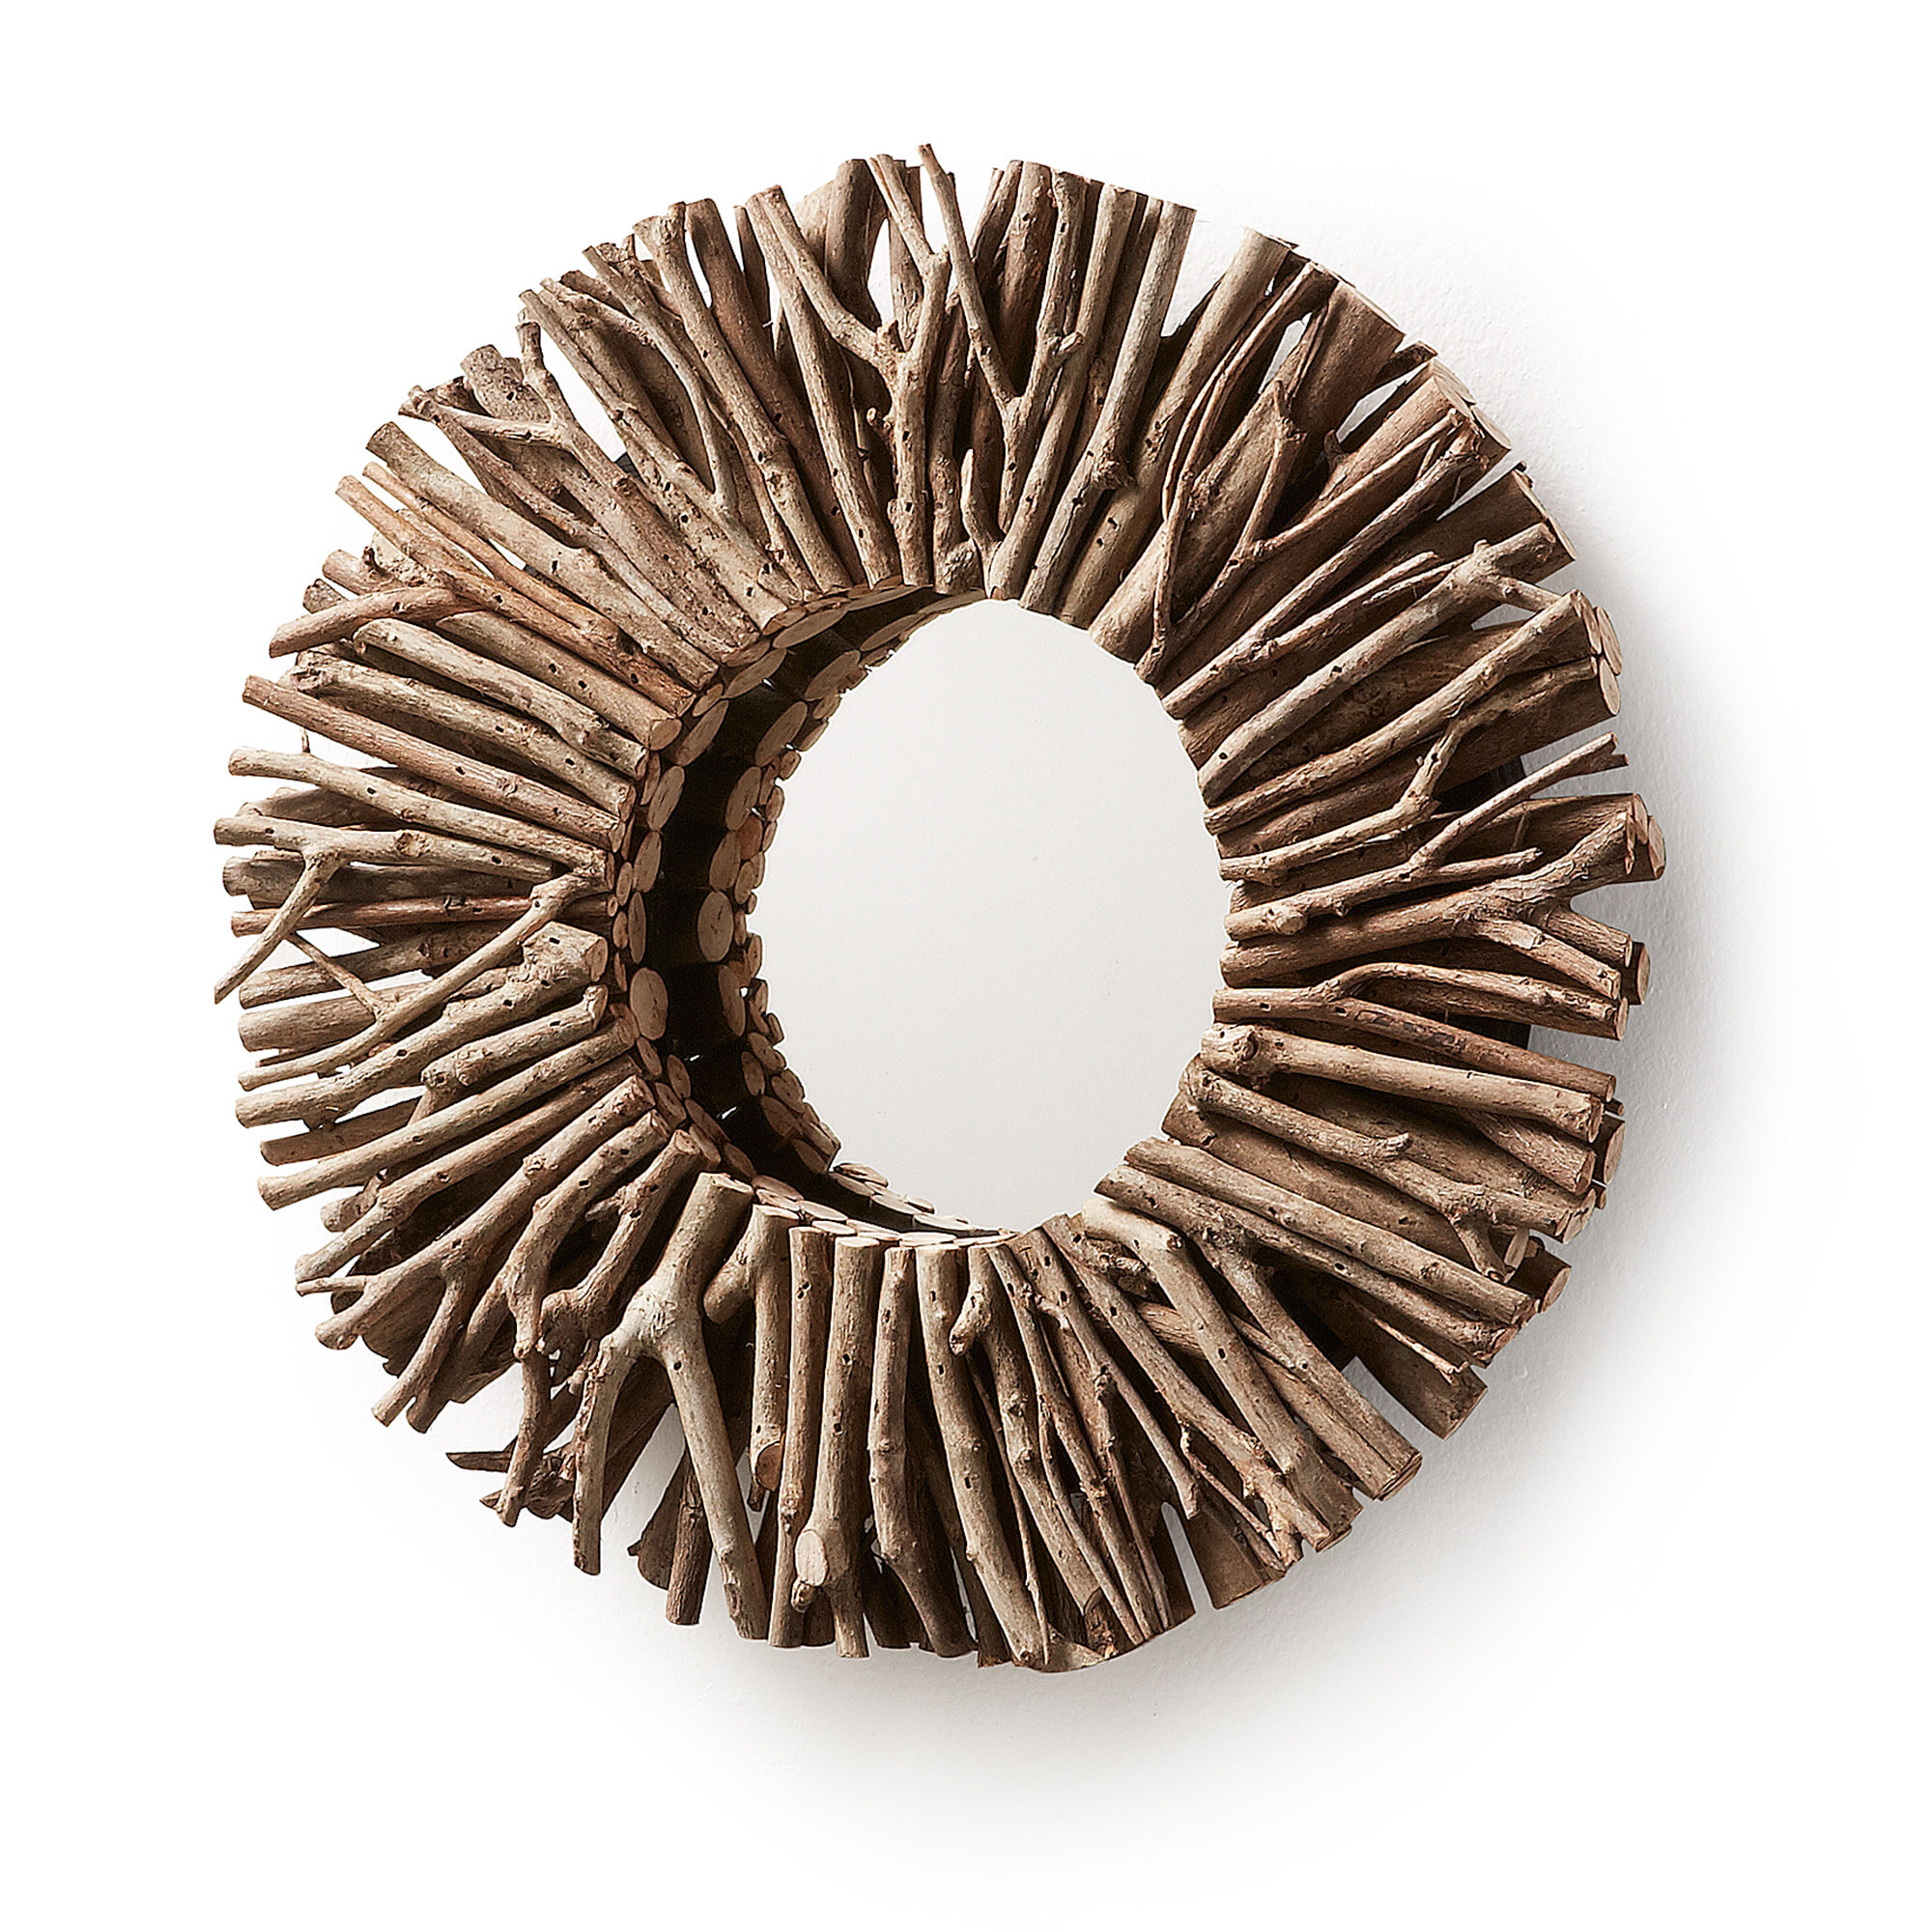 Kave Home Ronde spiegel 'Electric' ? 35cm Uitverkoop vergelijken doe je het voordeligst hier bij Meubelpartner